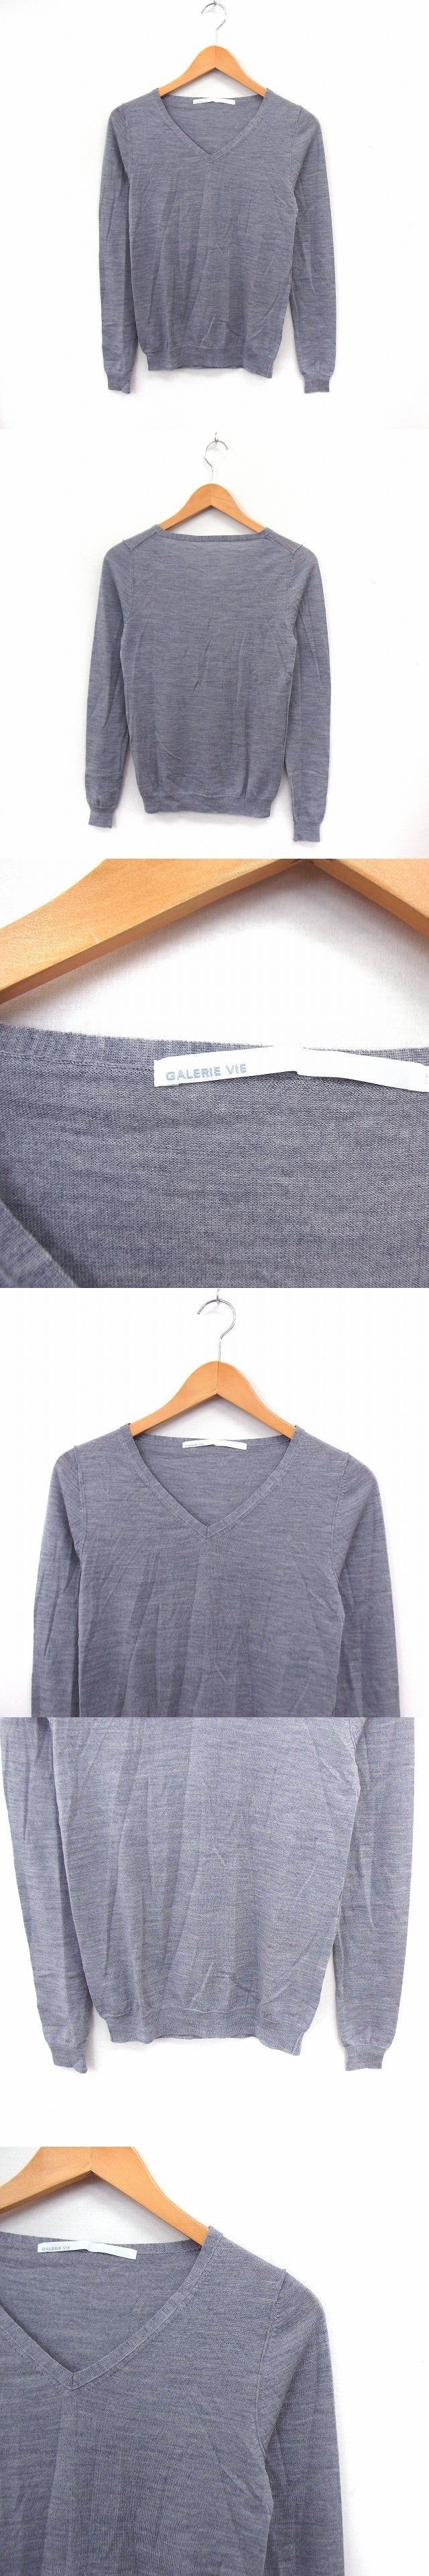 ニット セーター Vネック 長袖 シンプル リブ袖 1 グレー /ST16